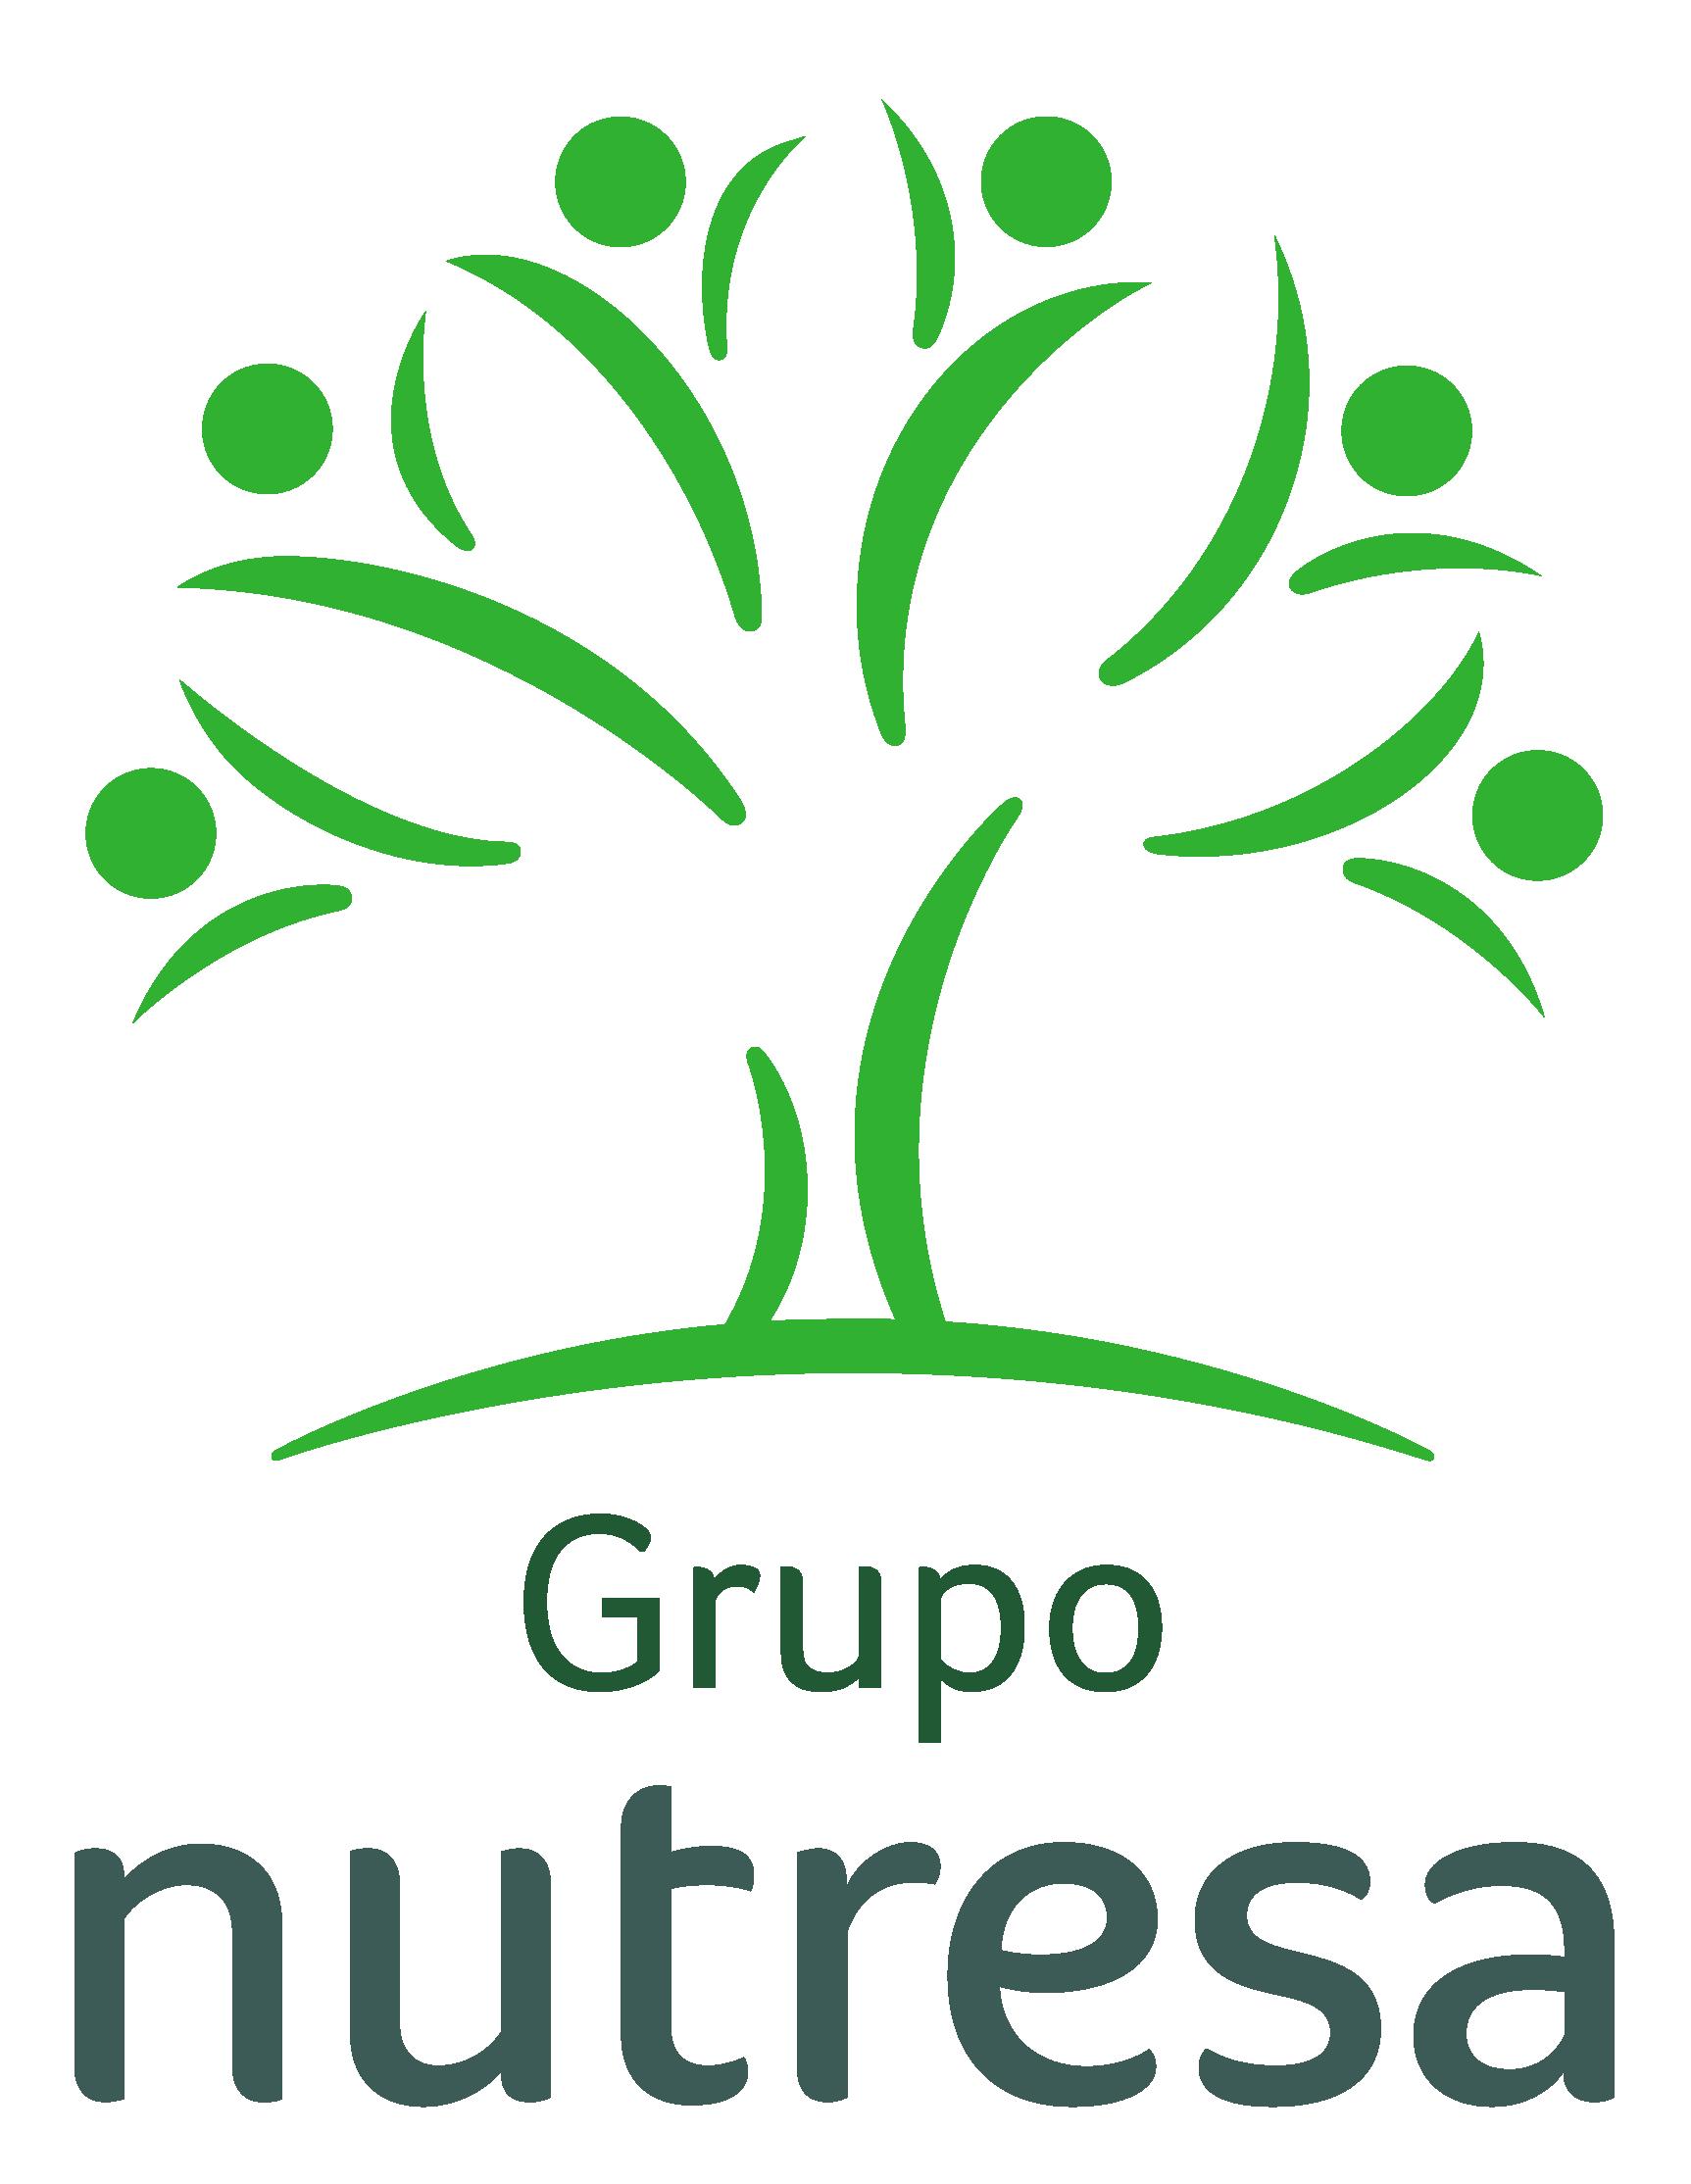 Grupo-Nutresa-01.png